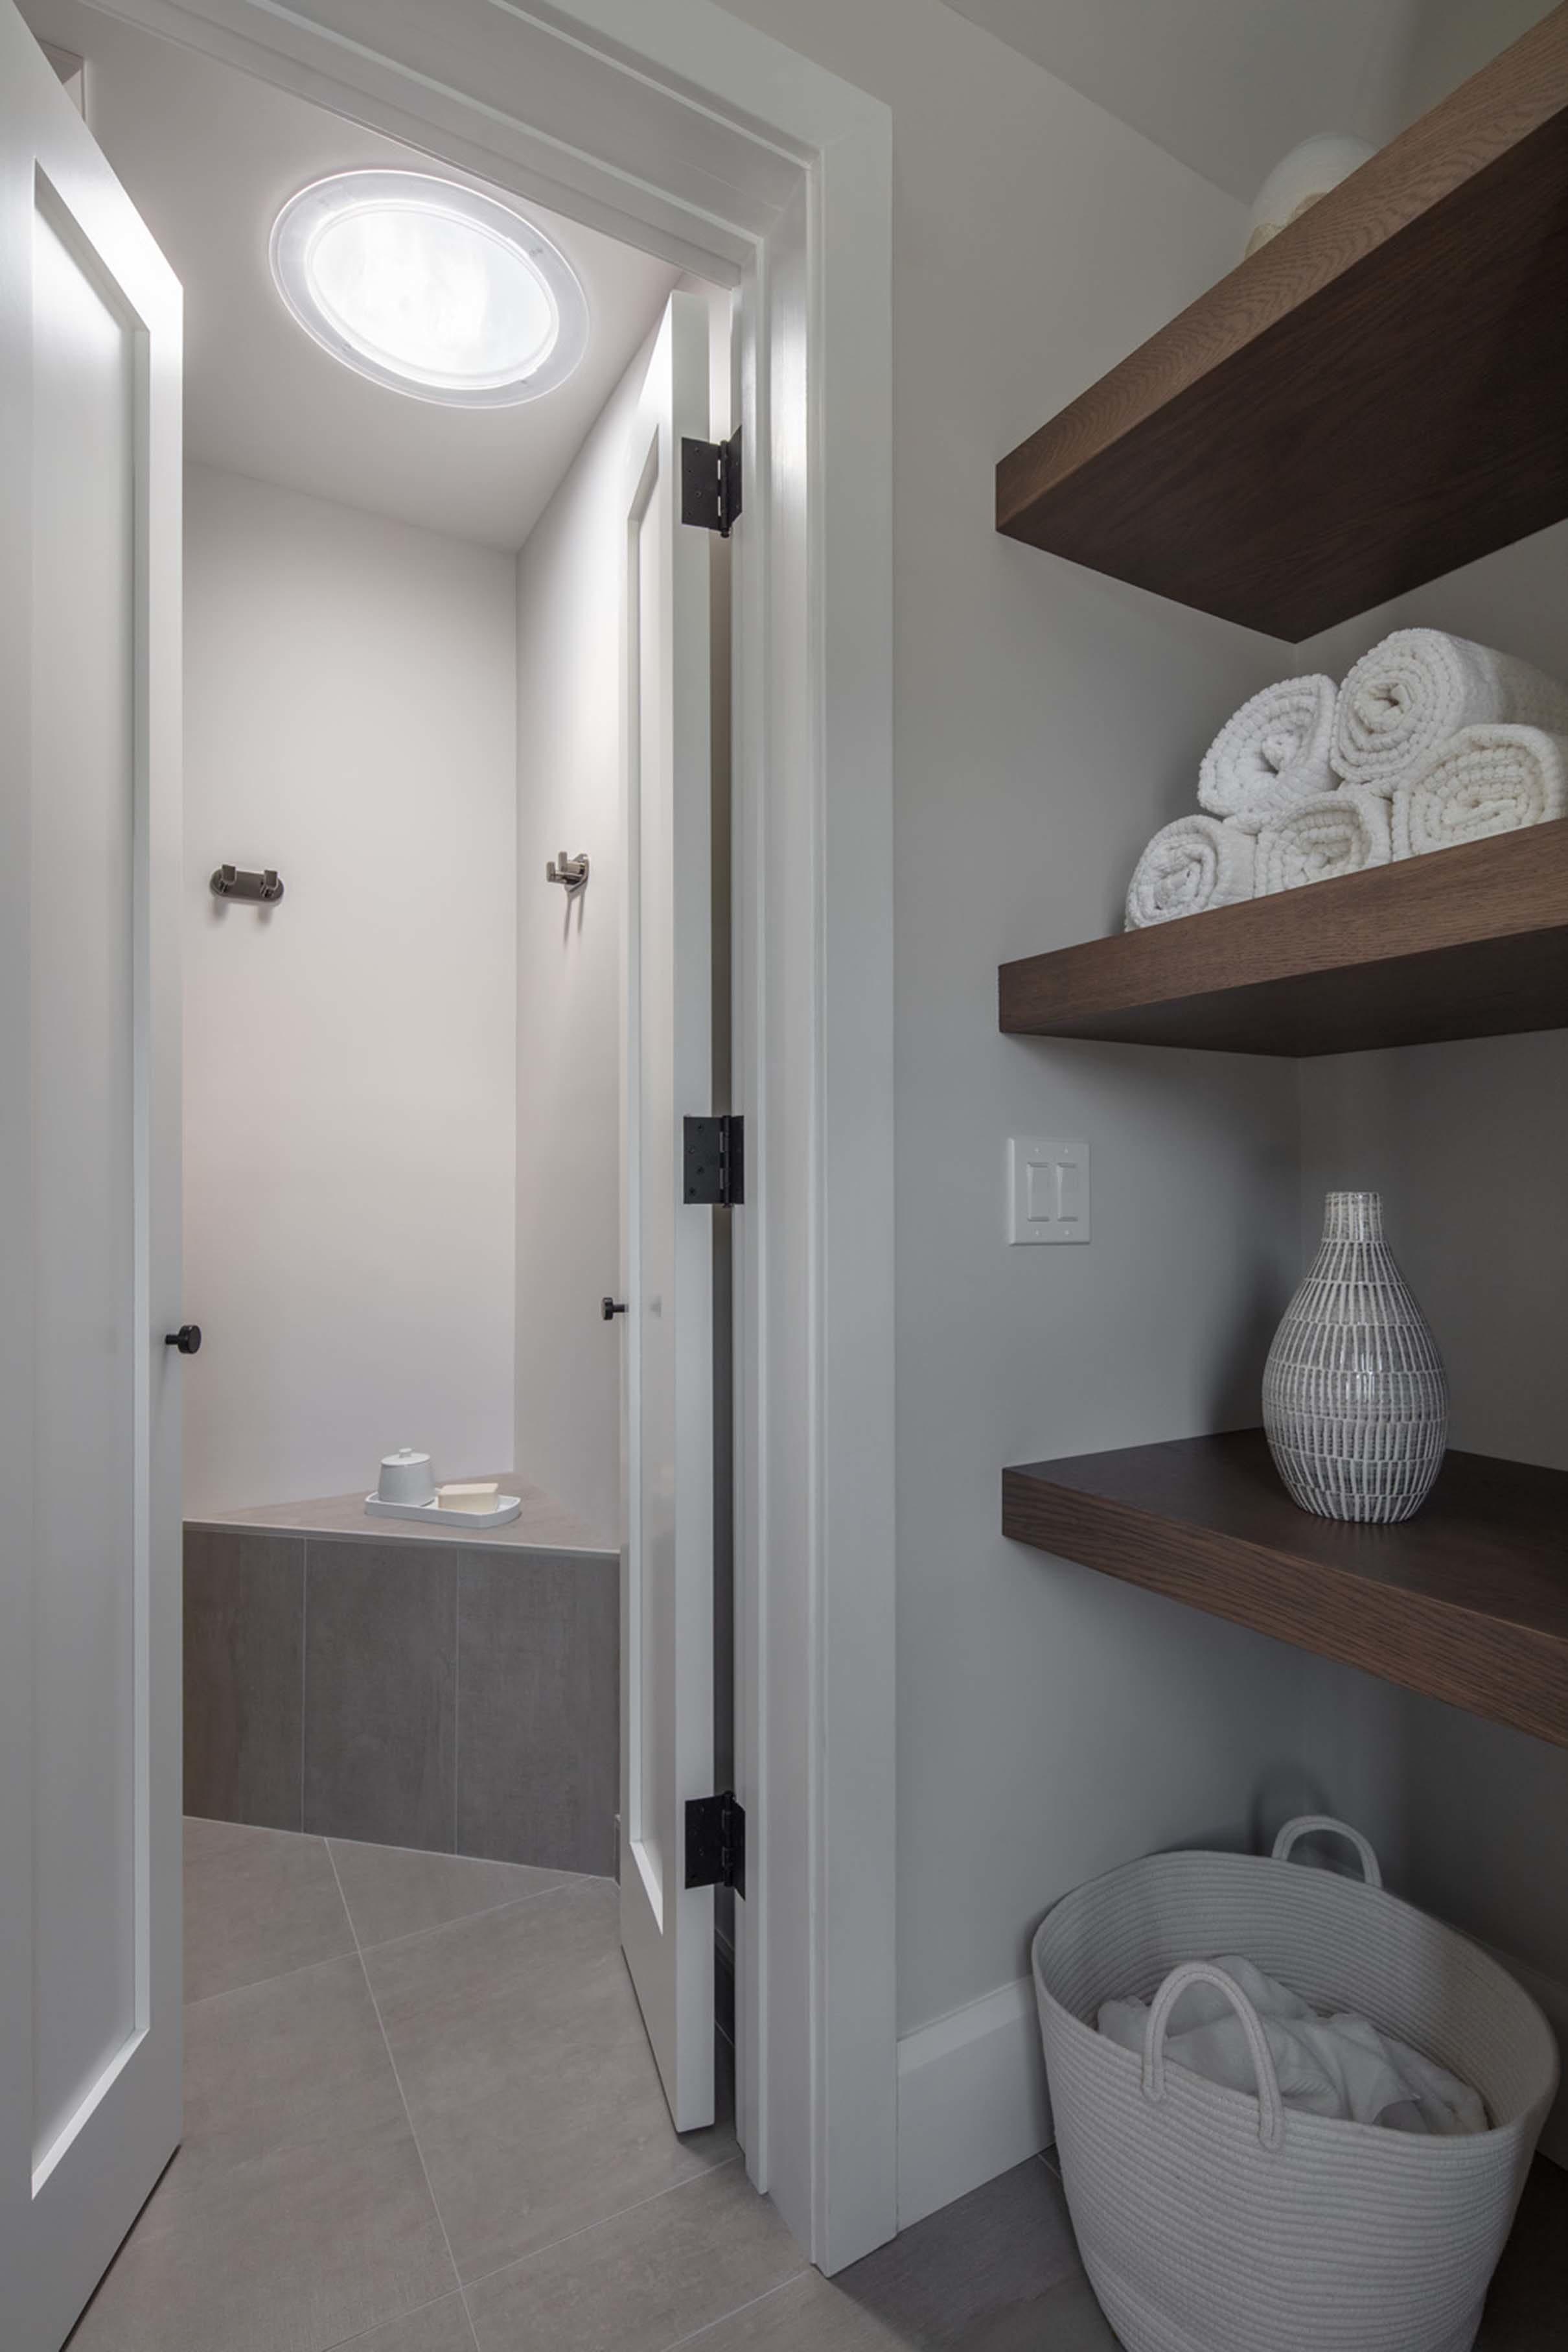 Small bathroom white Sun Tunnel skylight